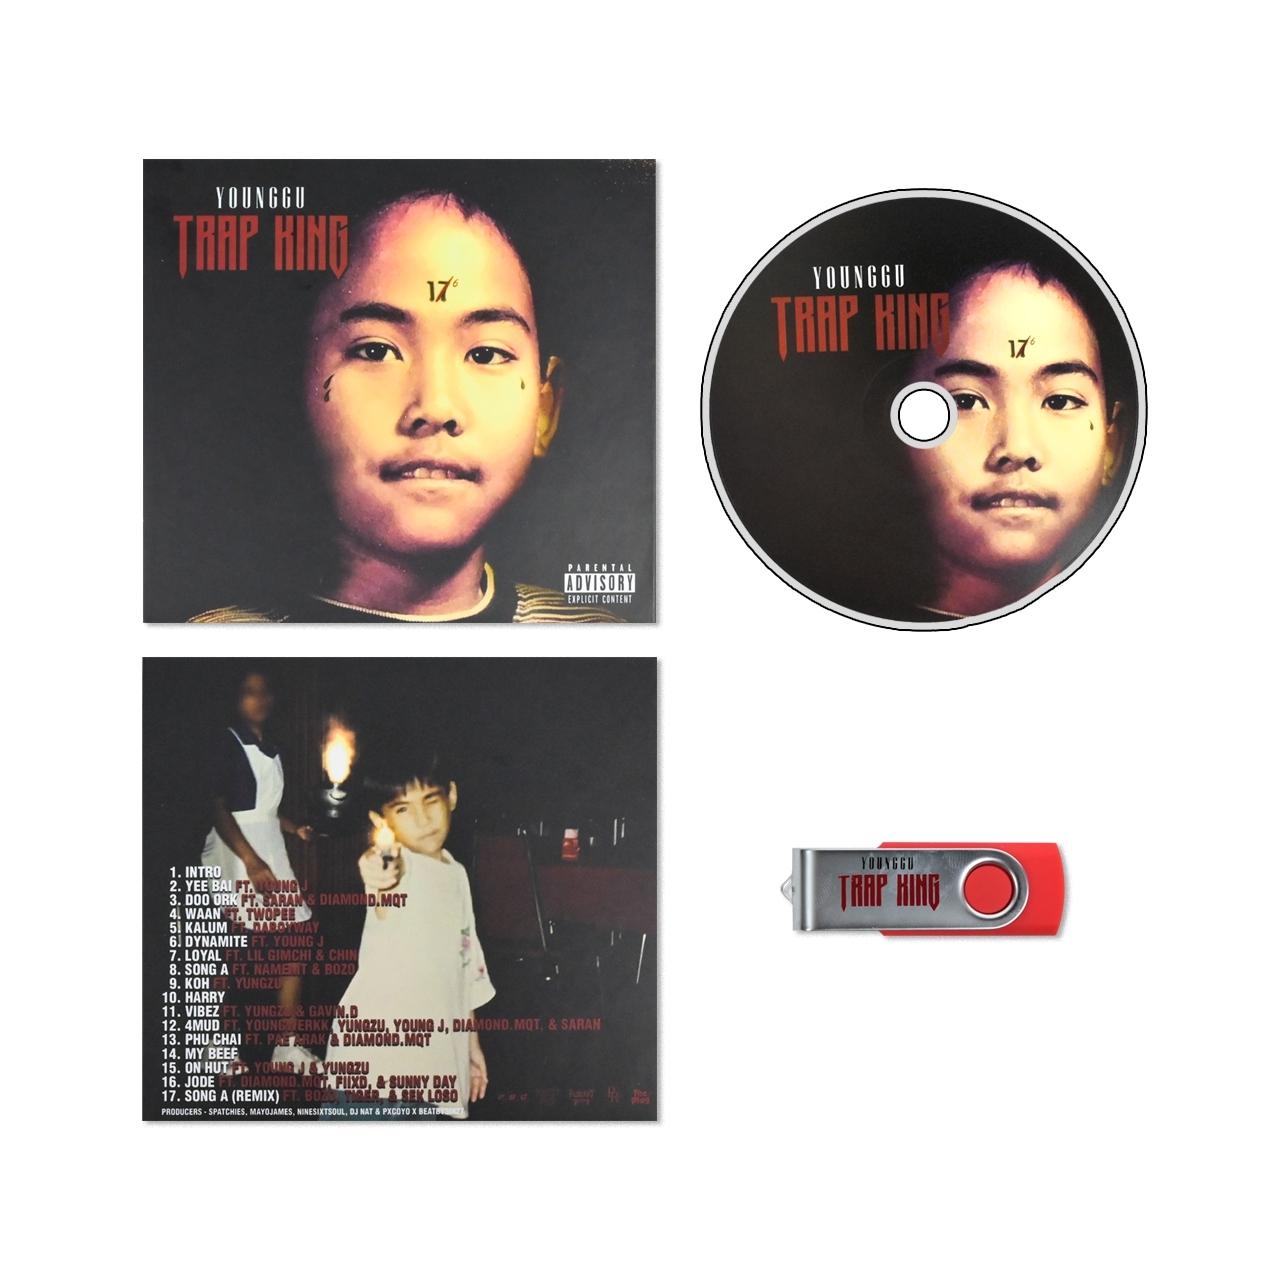 YOUNGGU MERCH TRAP KING ALBUM BOX SET